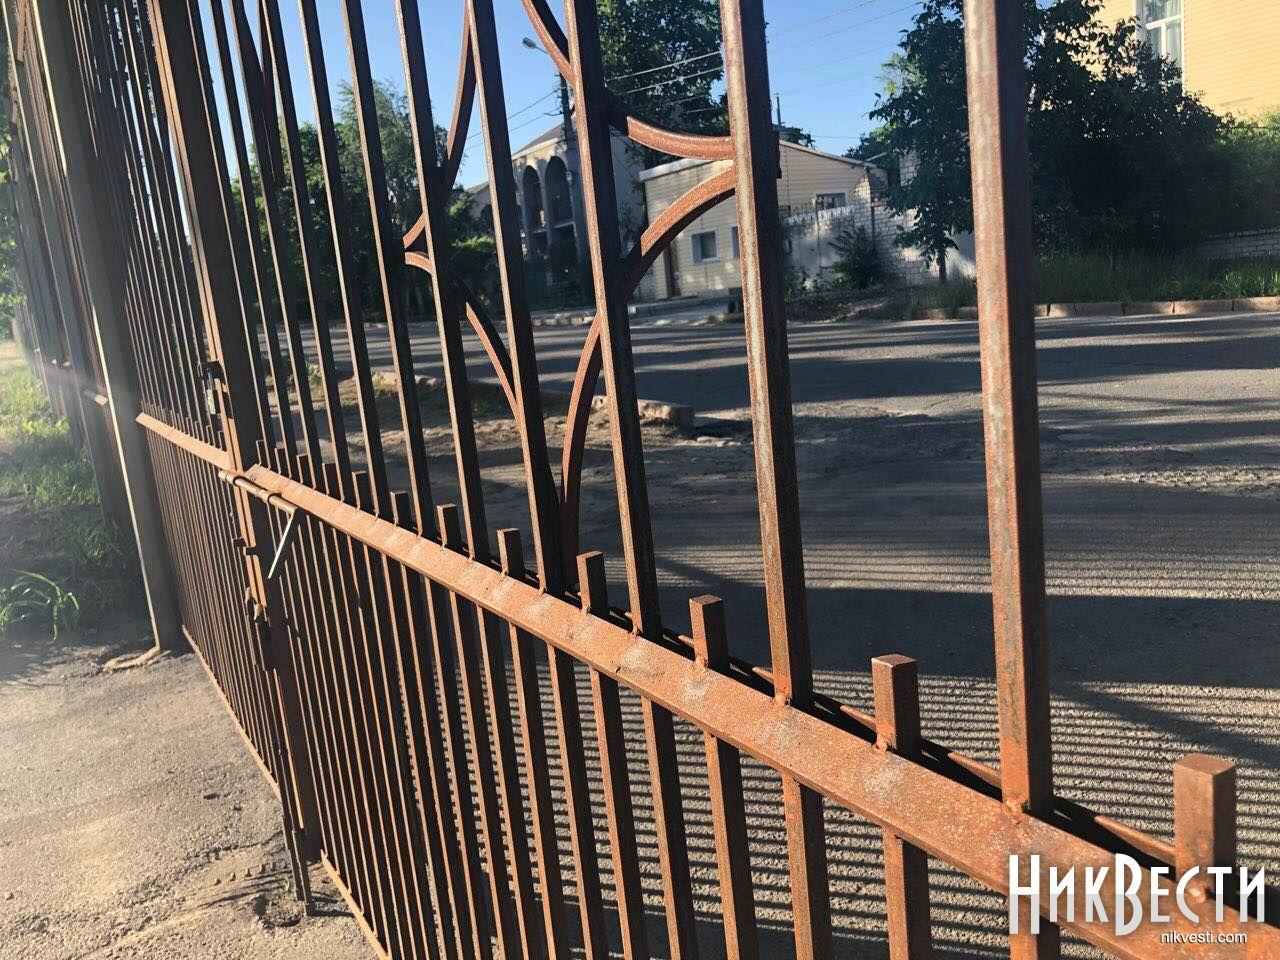 Николаевское гороно отдало 1,5 миллиона за новый забор вокруг школы в Матвеевке — через полгода ограждение проржавело